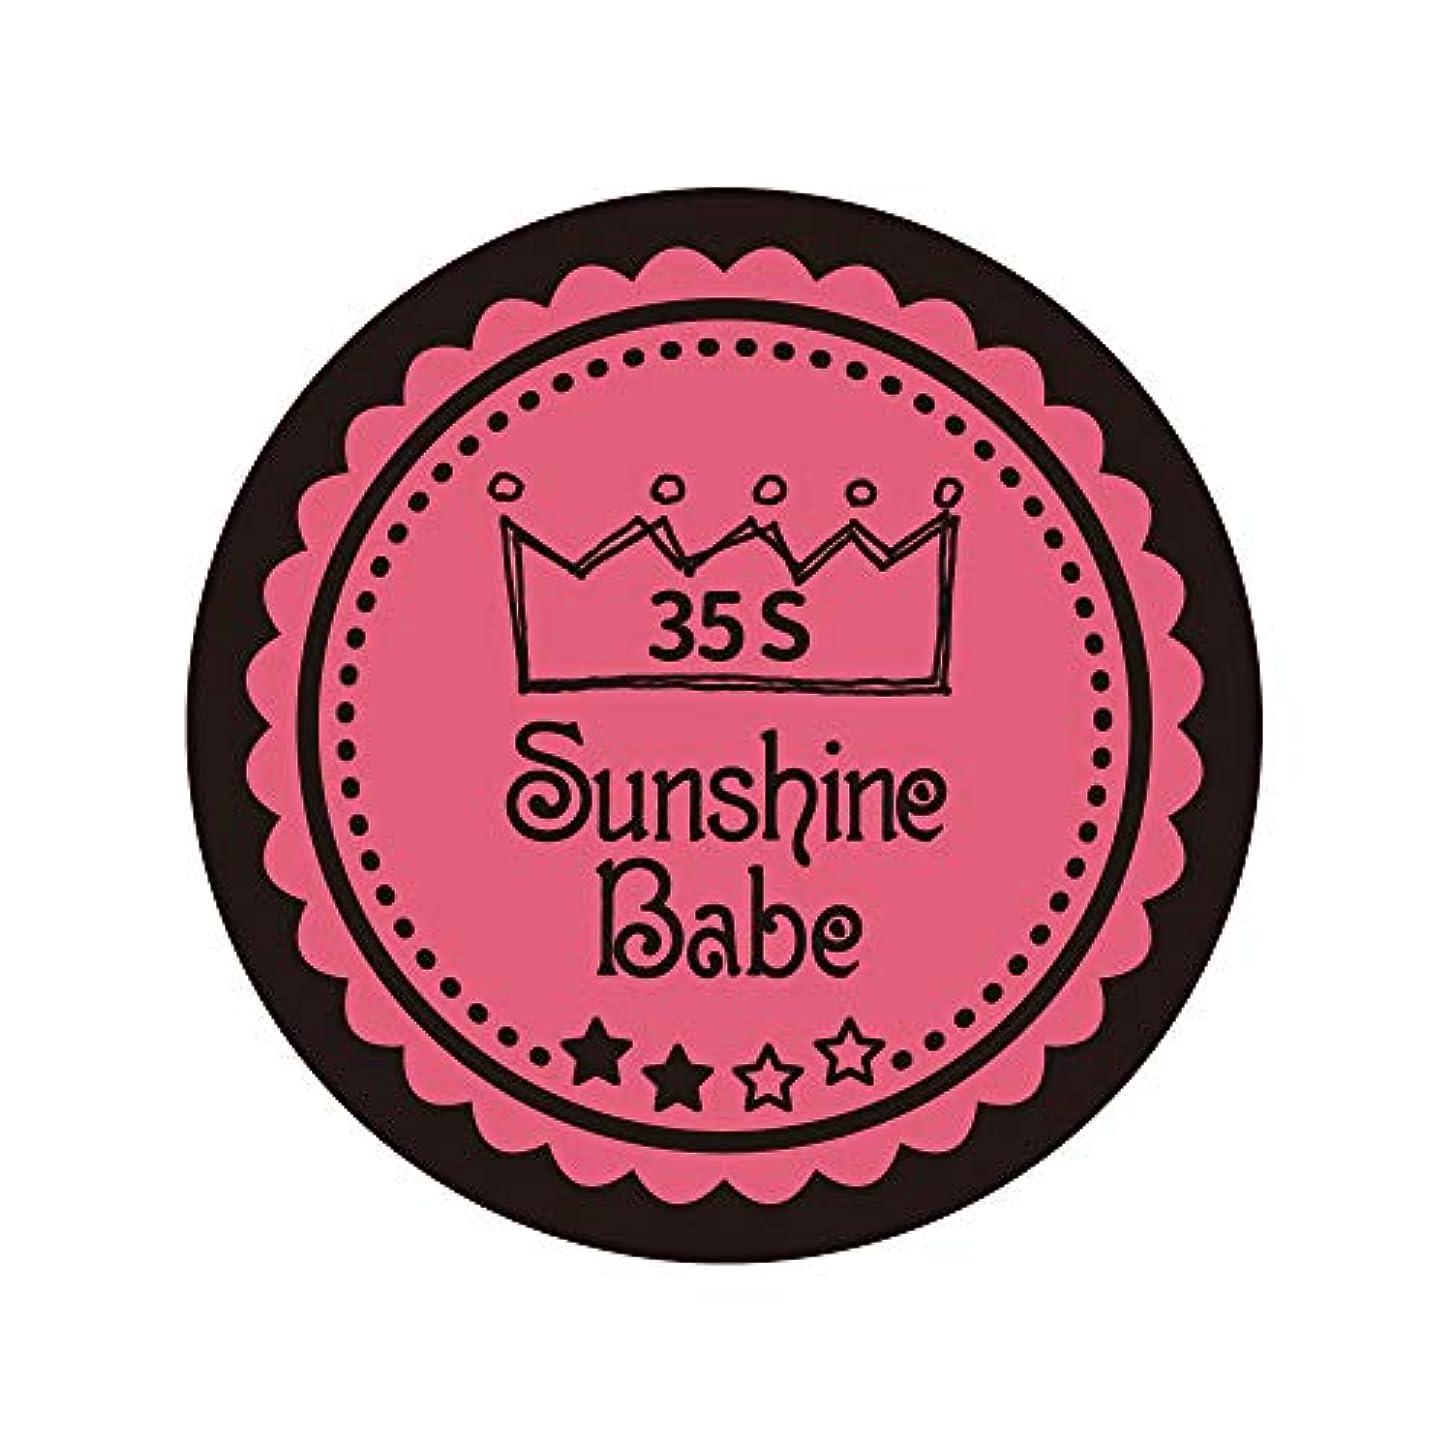 翻訳するゼリー望ましいSunshine Babe カラージェル 35S ローズピンク 2.7g UV/LED対応